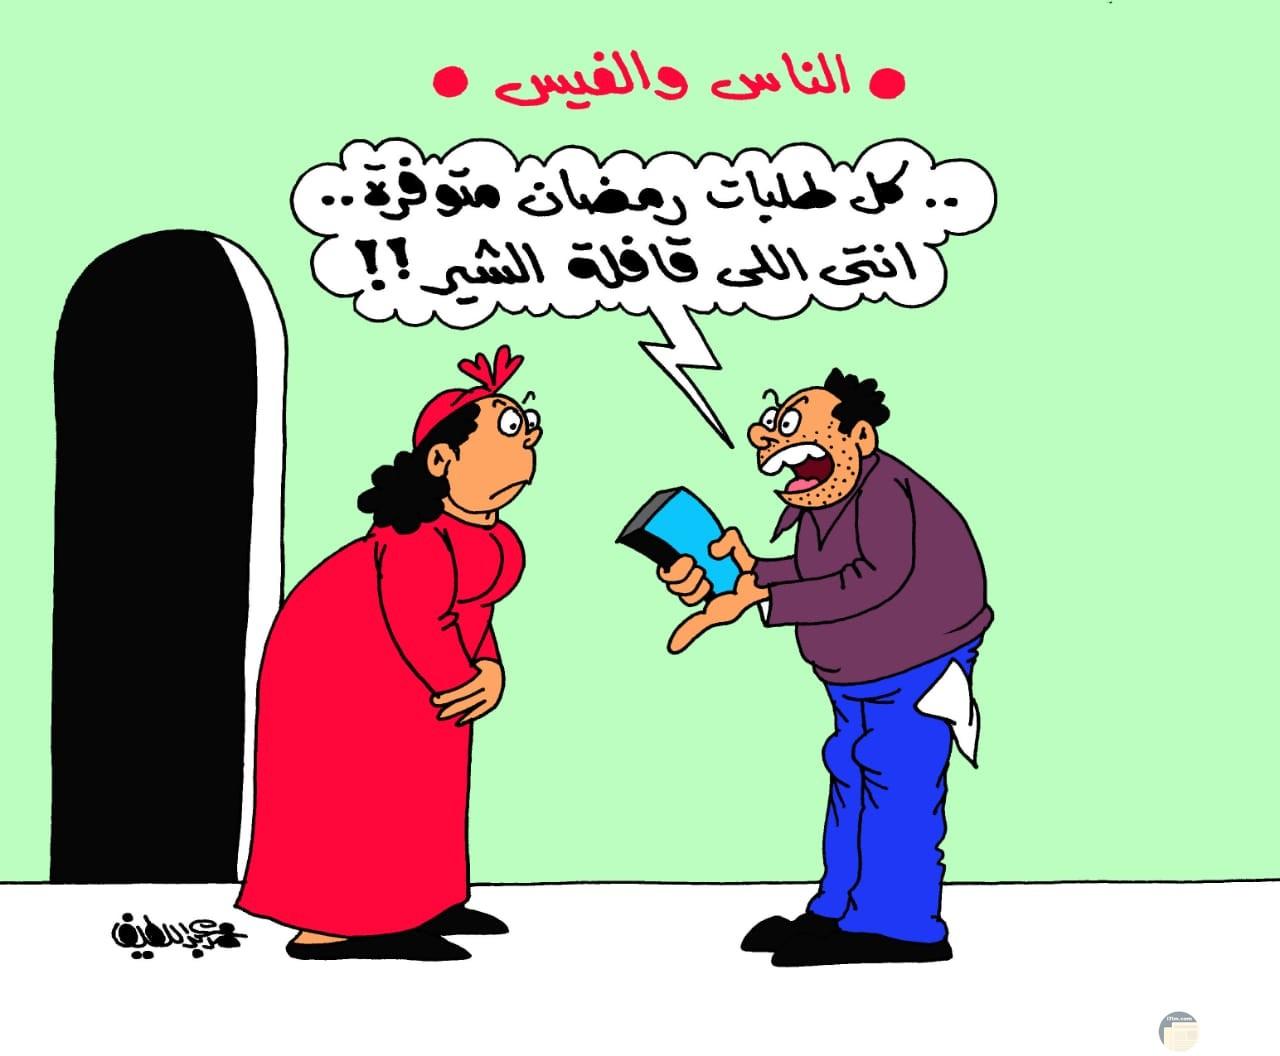 كل طلبات رمضان متوفرة انتى اللى قفلة الشير